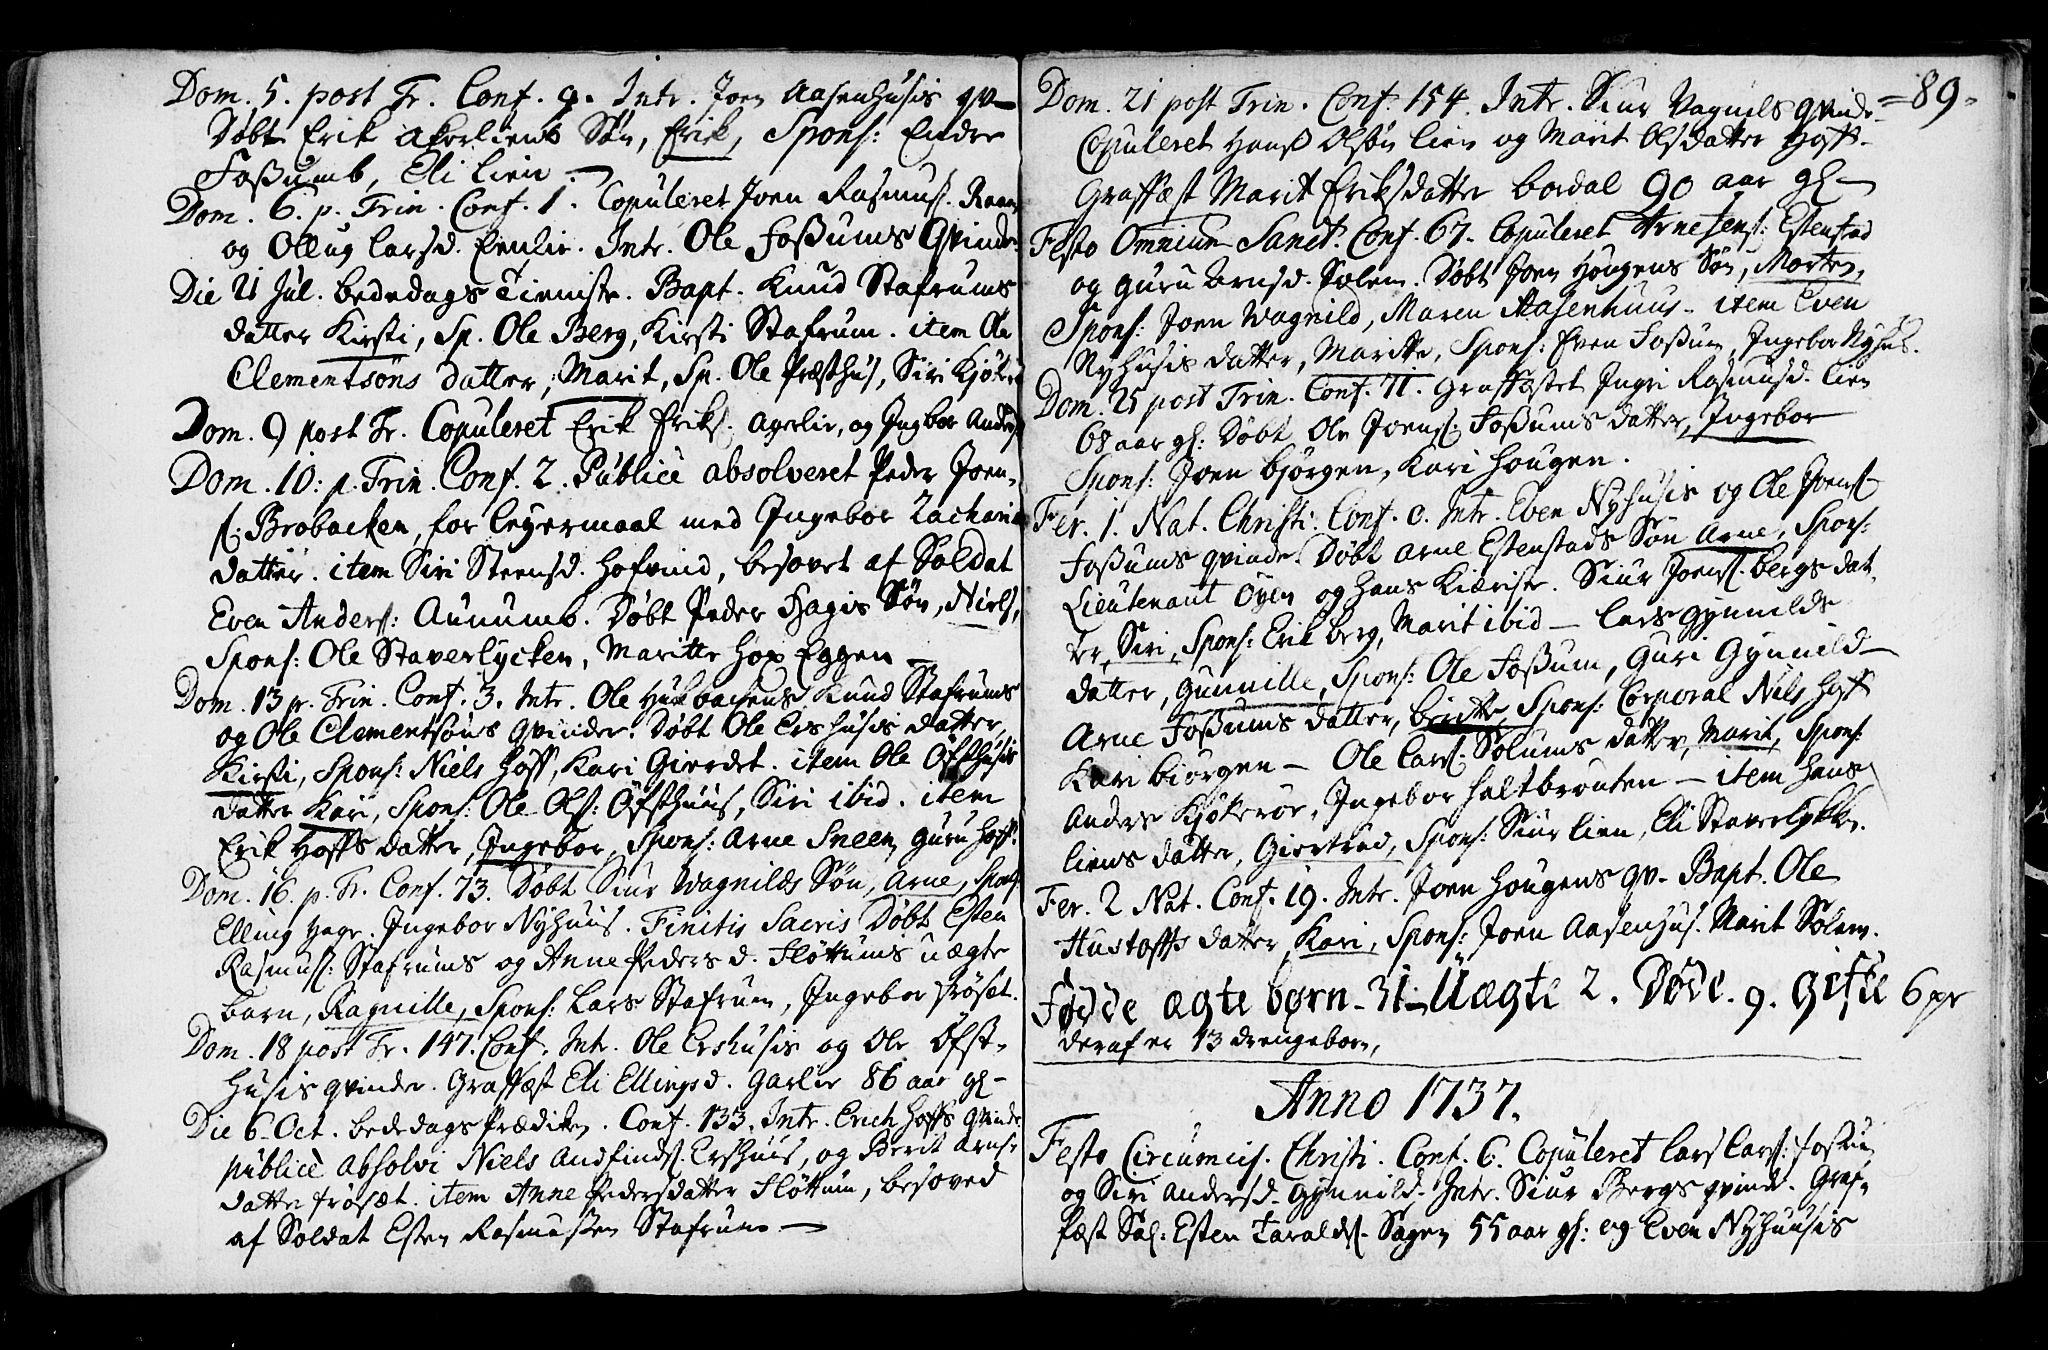 SAT, Ministerialprotokoller, klokkerbøker og fødselsregistre - Sør-Trøndelag, 689/L1036: Ministerialbok nr. 689A01, 1696-1746, s. 89